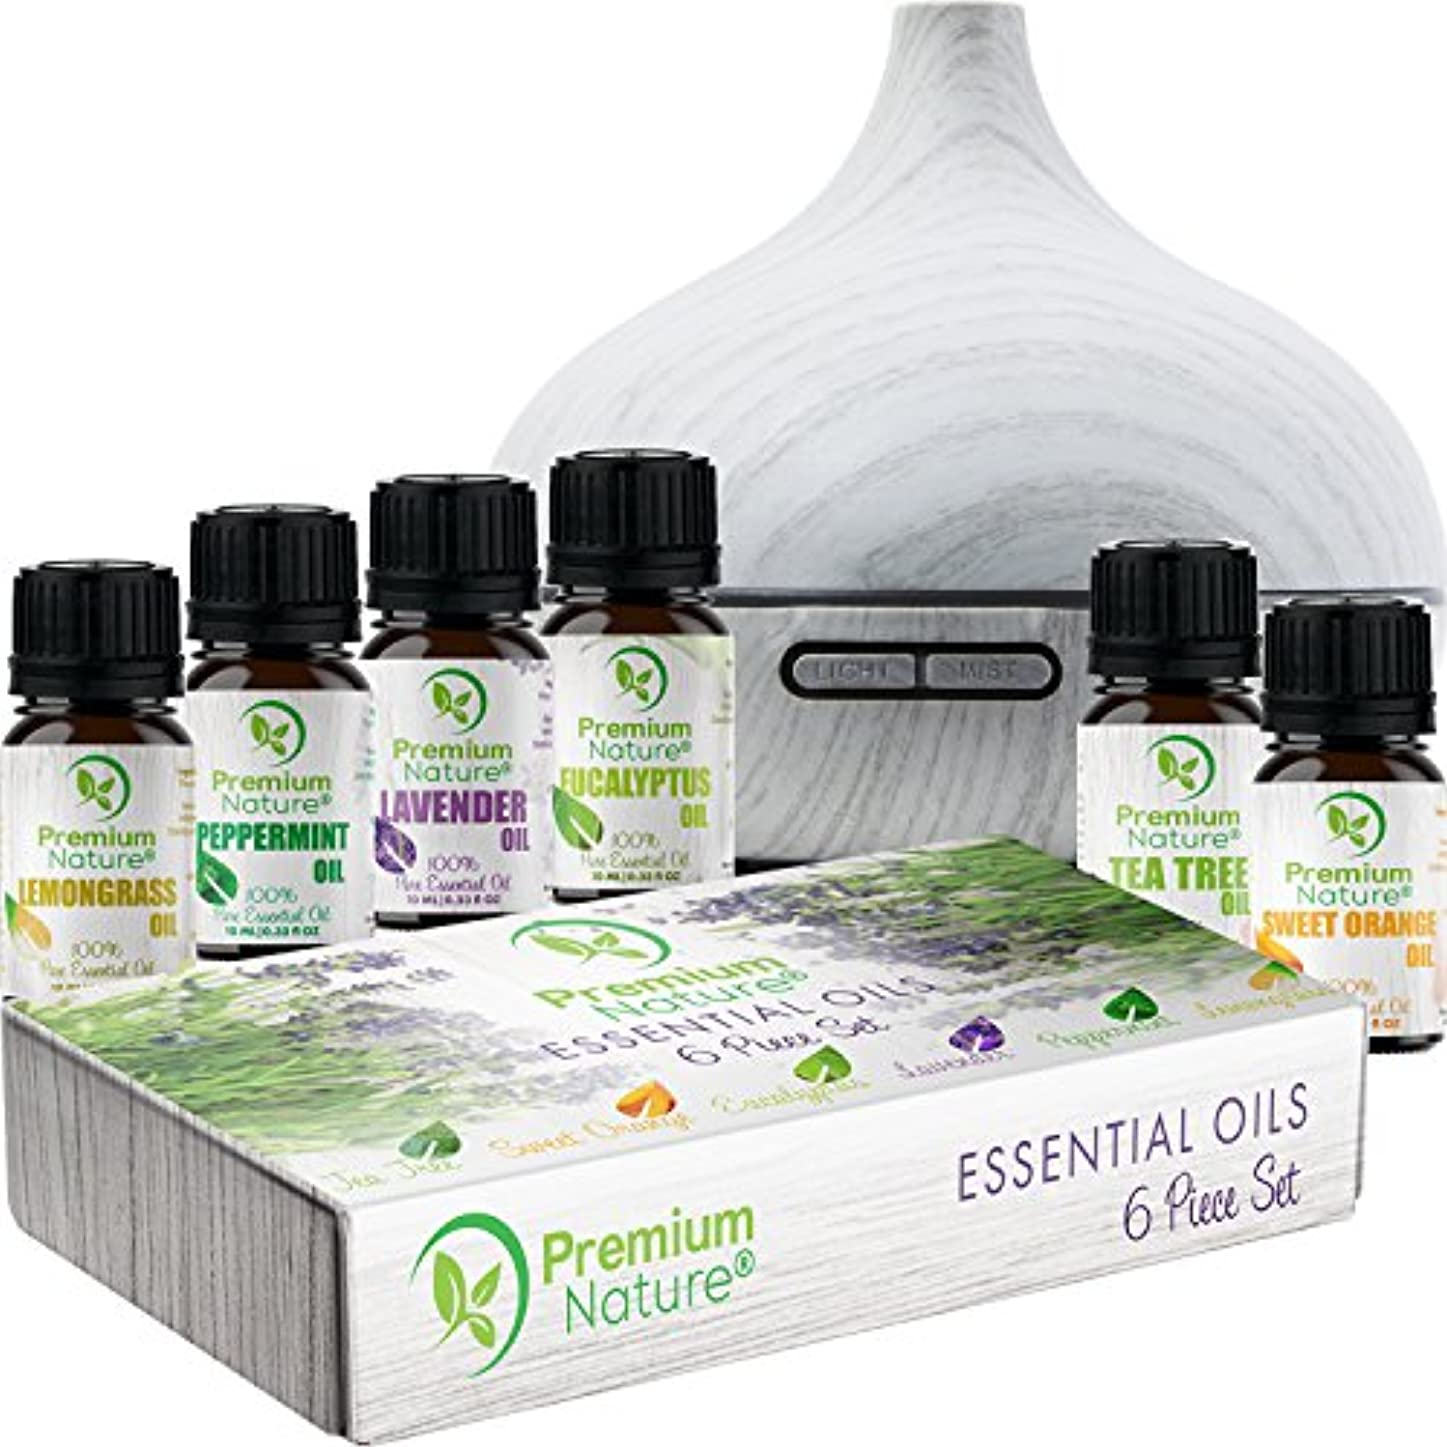 ラウンジ剣ファンシーAromatherapy Essential Oil & Diffuser Gift Set – 250 mlタンク& Top 6 Oils – Therapeutic Grade – ペパーミント、ティーツリー、レモングラス...